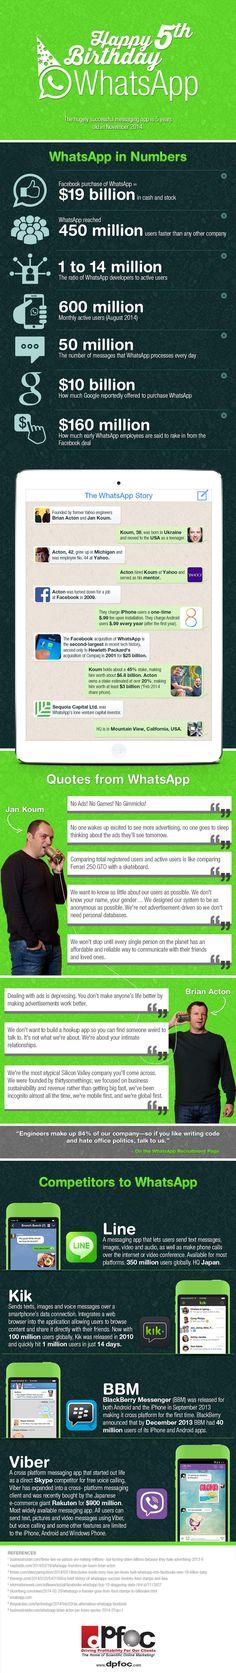 5to aniversario de #Whatsapp. Datos de interés. #app #tecnologia #infografia